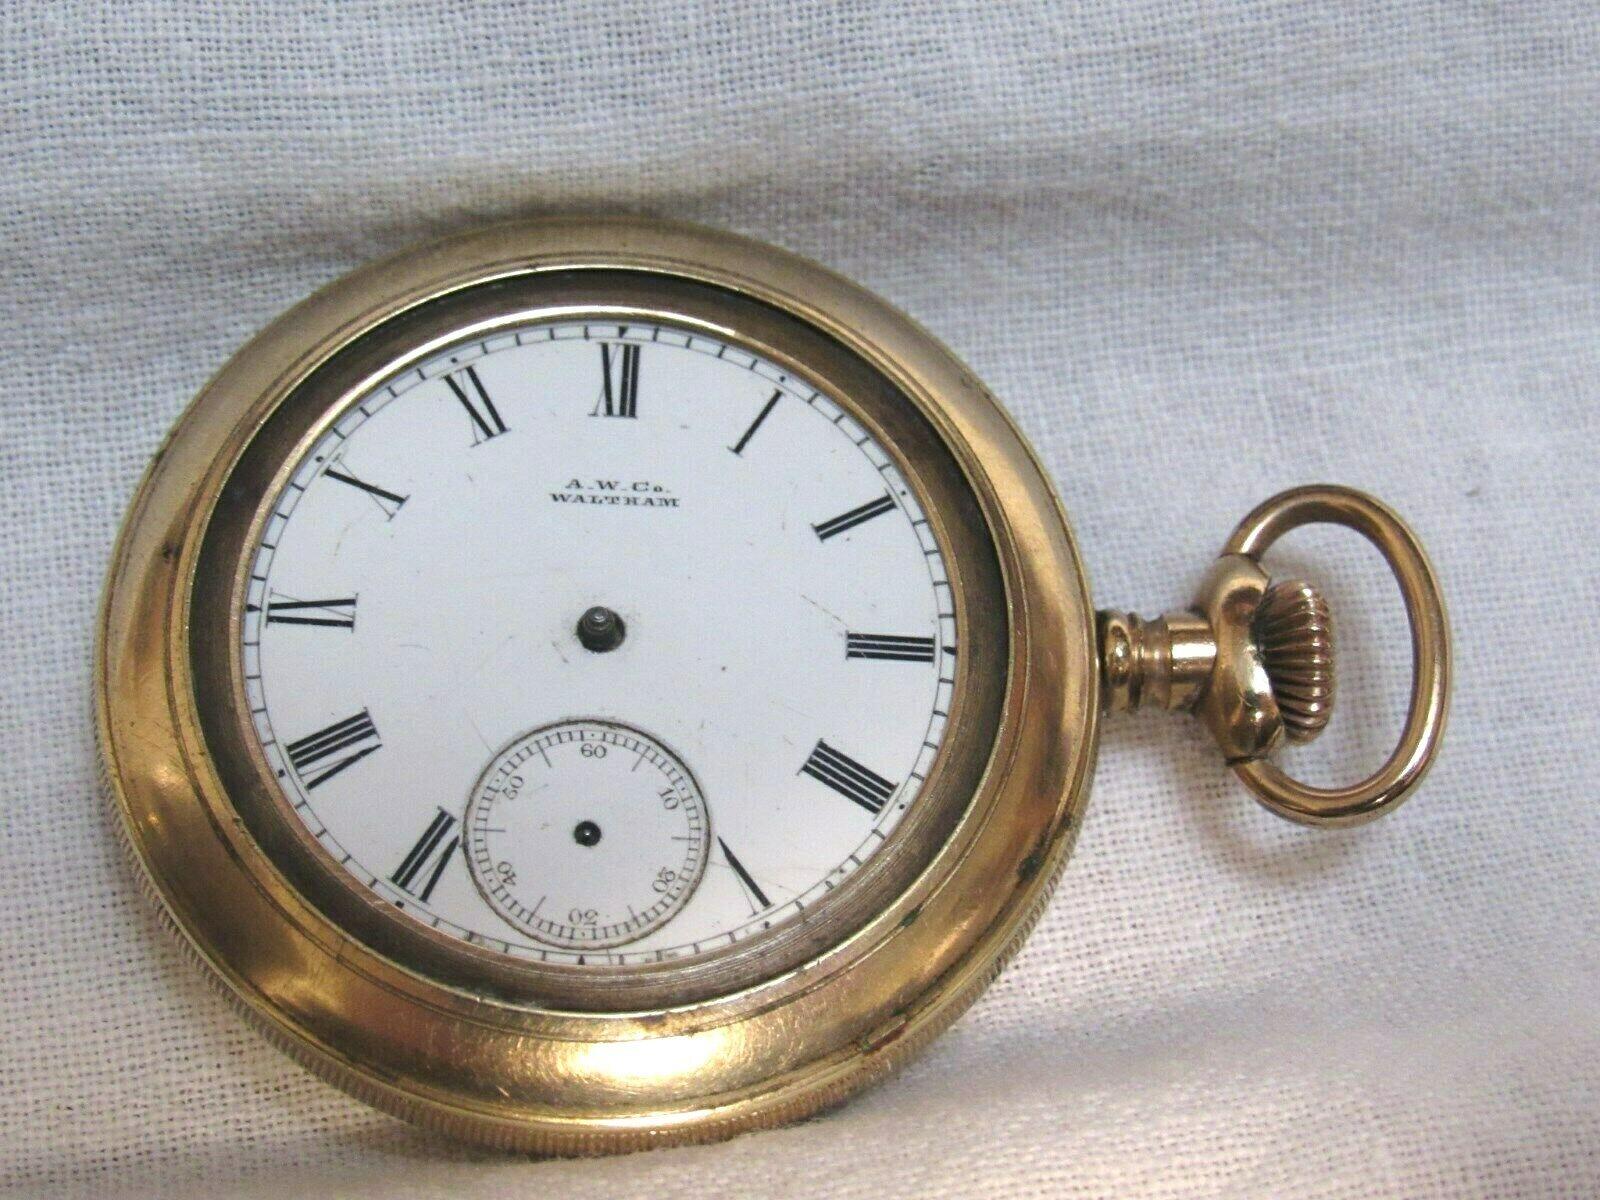 Waltham стоимость часы корабельные стоимость часы